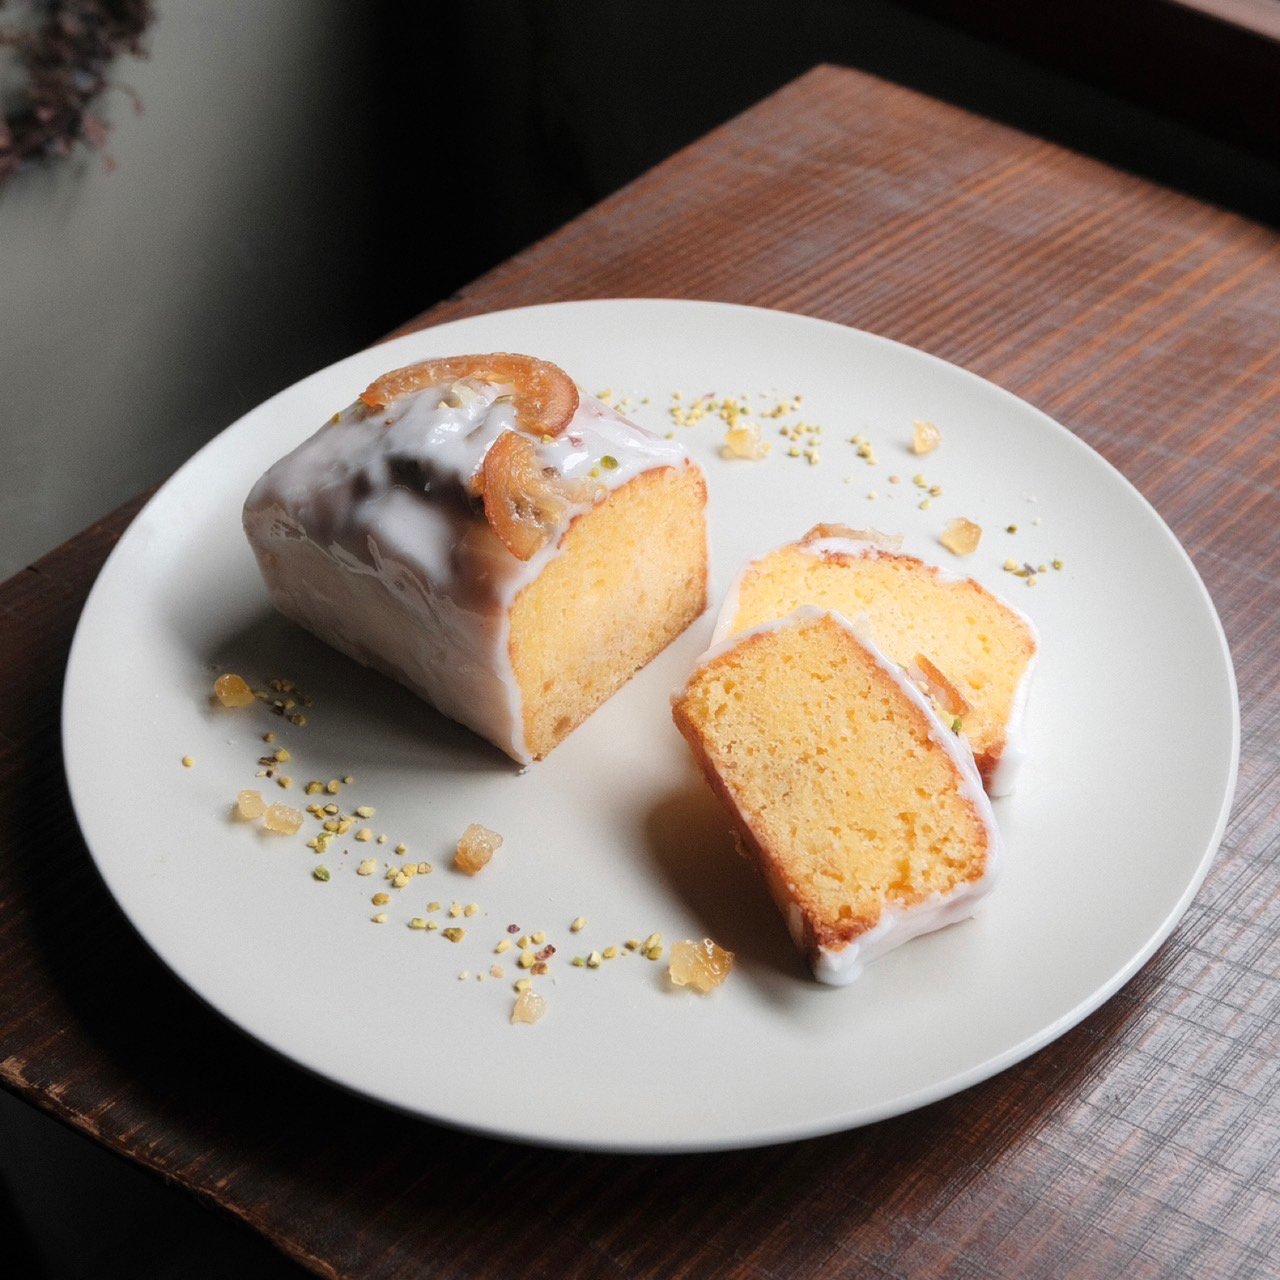 週末のお菓子ウィークエンドシトロン     フランスで週末に家で大切な人と食べるケーキと言われているのがこの「ウィークエンドシトロン」。  名前の由来通り「週末の家での時間を楽しんでほしい」という想いを込めて。    しっとりと焼き上げたレモンピール入りのバターケーキに、レモンのアイシングをたっぷりかけました。    素朴な味わいの中に、レモンの風味がふわっと華やかに広がるケーキです。週末のコーヒータイムに。  ・内容量 1本  【10.2cm/7.5cm/5.5cm】 ・賞味期限 製造日から14日 ・保存方法 冷蔵で保存して開封後はお早めにお召し上がりください。 ・ご注文後5日〜10日以内に出荷させていただきます。 ・配送日のご指定希望は注文日から5日後以降で備考にご記入ください。お時間いただくことがあります)  【スタッフからの一言】 素朴でレモンの鮮やかな味わいはスタッフ人気も凄いです。 そのままでももちろん美味しいのですが、華やかなコーヒーと相性がとても良く感じます。 エチオピア、ホンジュラス、バリ、ミャンマーなど、ちょっと果実味を感じるコーヒーとぜひ一緒に食べてみてくださいね。 週末のおうち時間が明るく、心安らぐ時間になりますように。 ワンホールですが、さっぱりとした飽きのこない味なので私は2日で食べてしまいました。一人で。 皆さんはちょっとずつ切り分けて、お召し上がりくださいね。  【お届けに関して】 クール便でお届けします。選択欄にてクール便をお選びください。 冷蔵庫もしくは10度以下の涼しい場所での保存をお願いいたします。  【原材料】 バター、上白糖、卵、薄力粉、アーモンドプードル、ベーキングパウダー、レモン果汁、レモンピール、粉糖、レモン